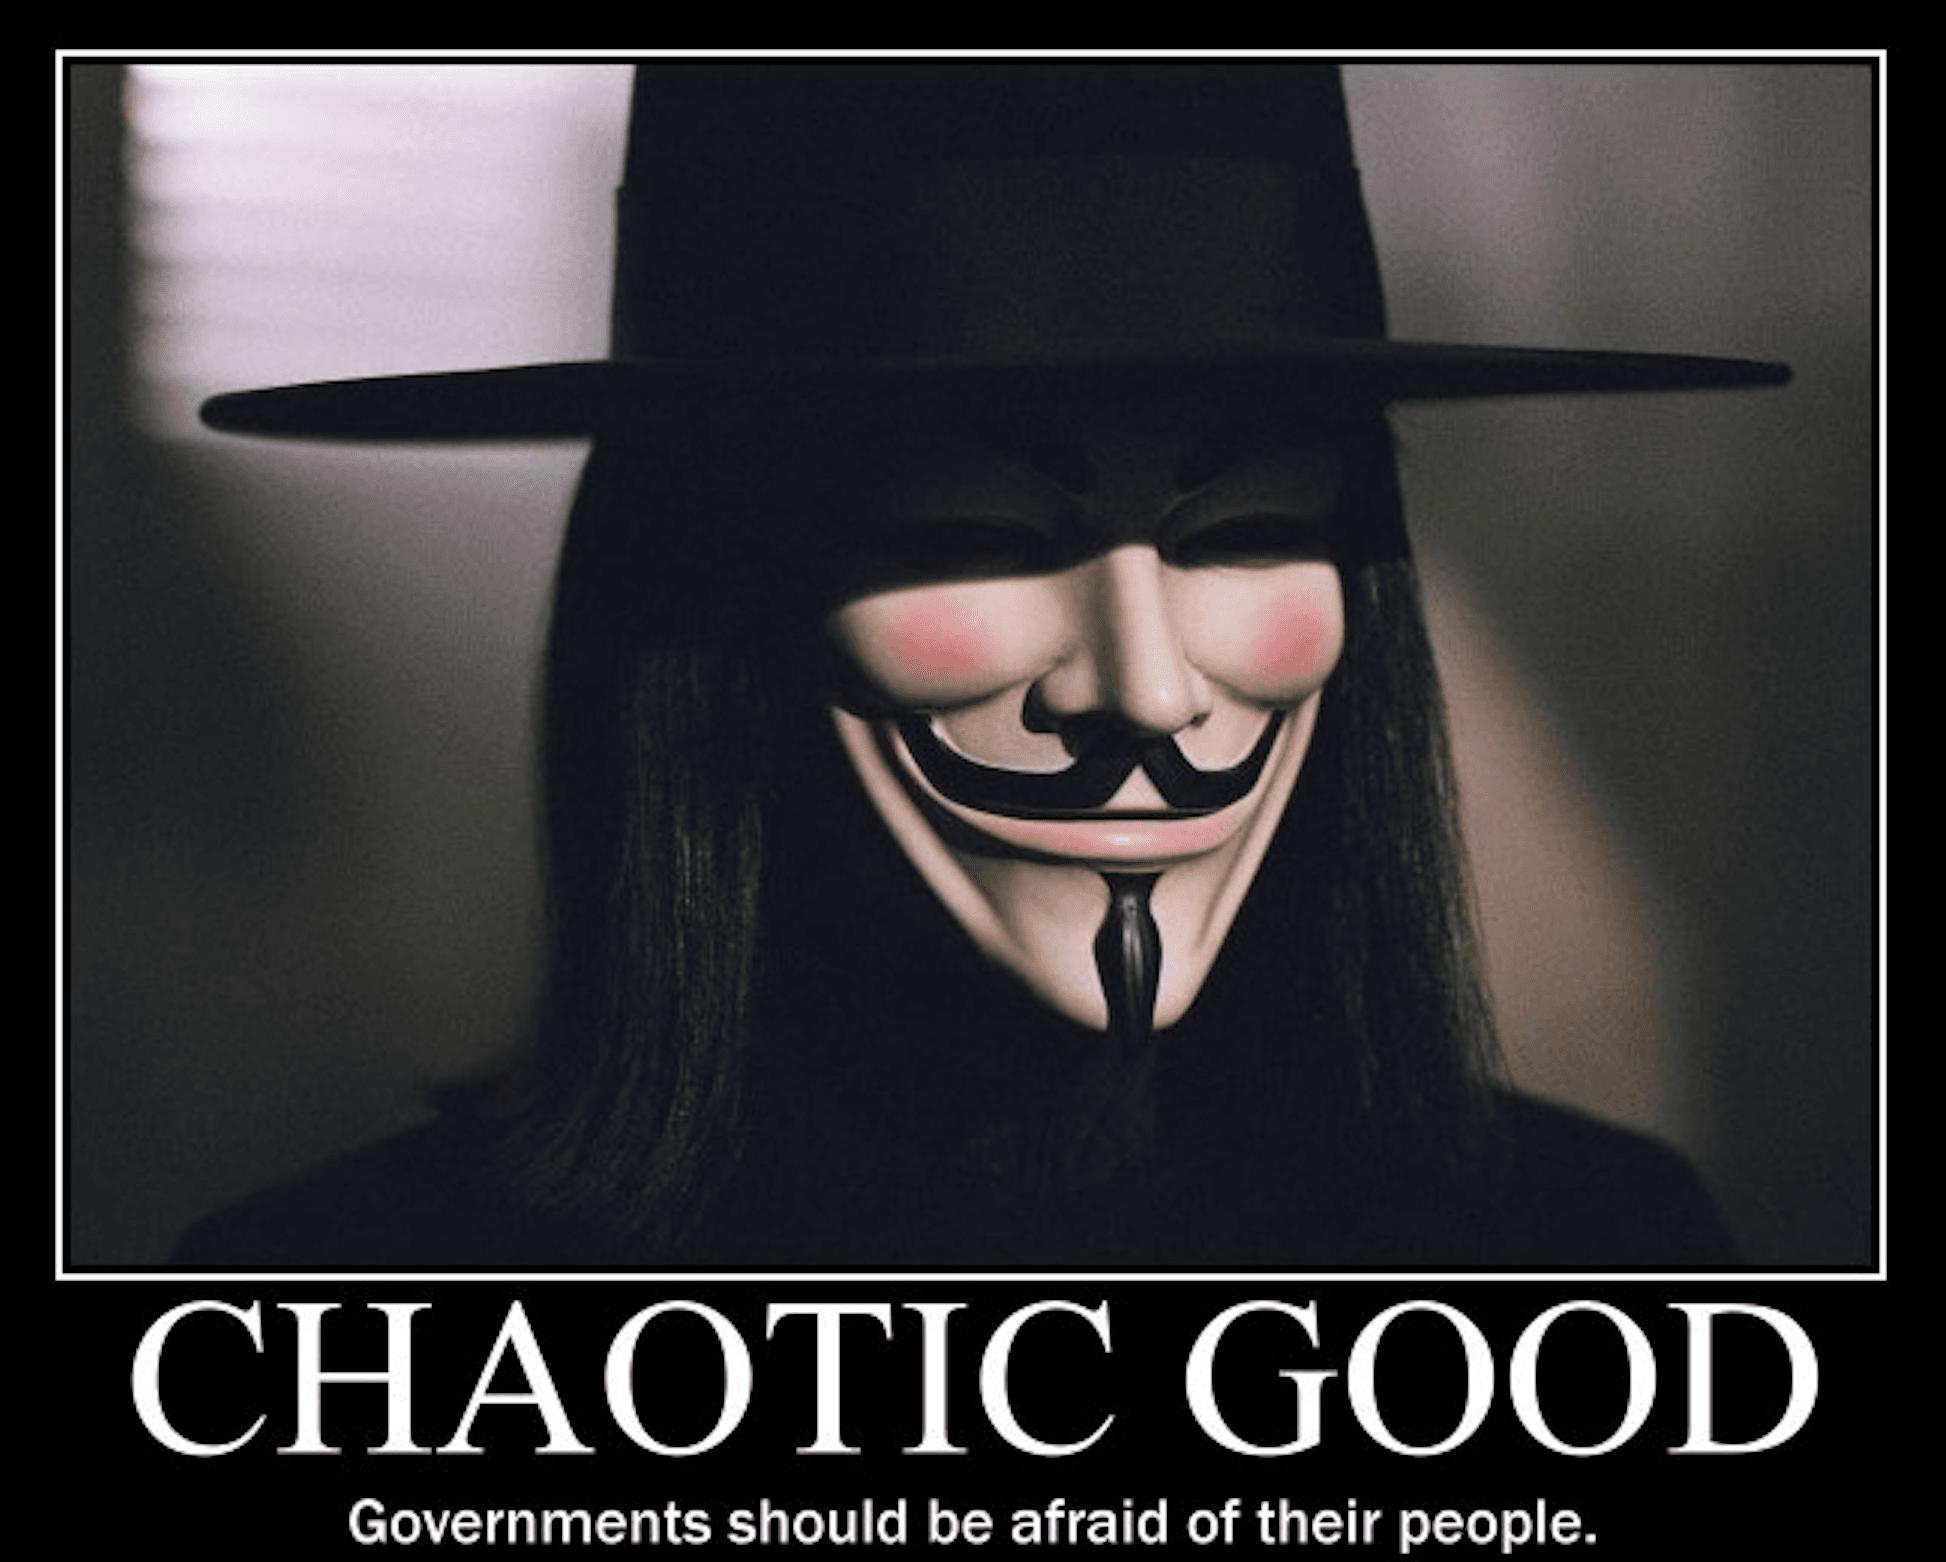 Top 5 - Sistema de Alinhamento: Chaotic Good Pic4033058